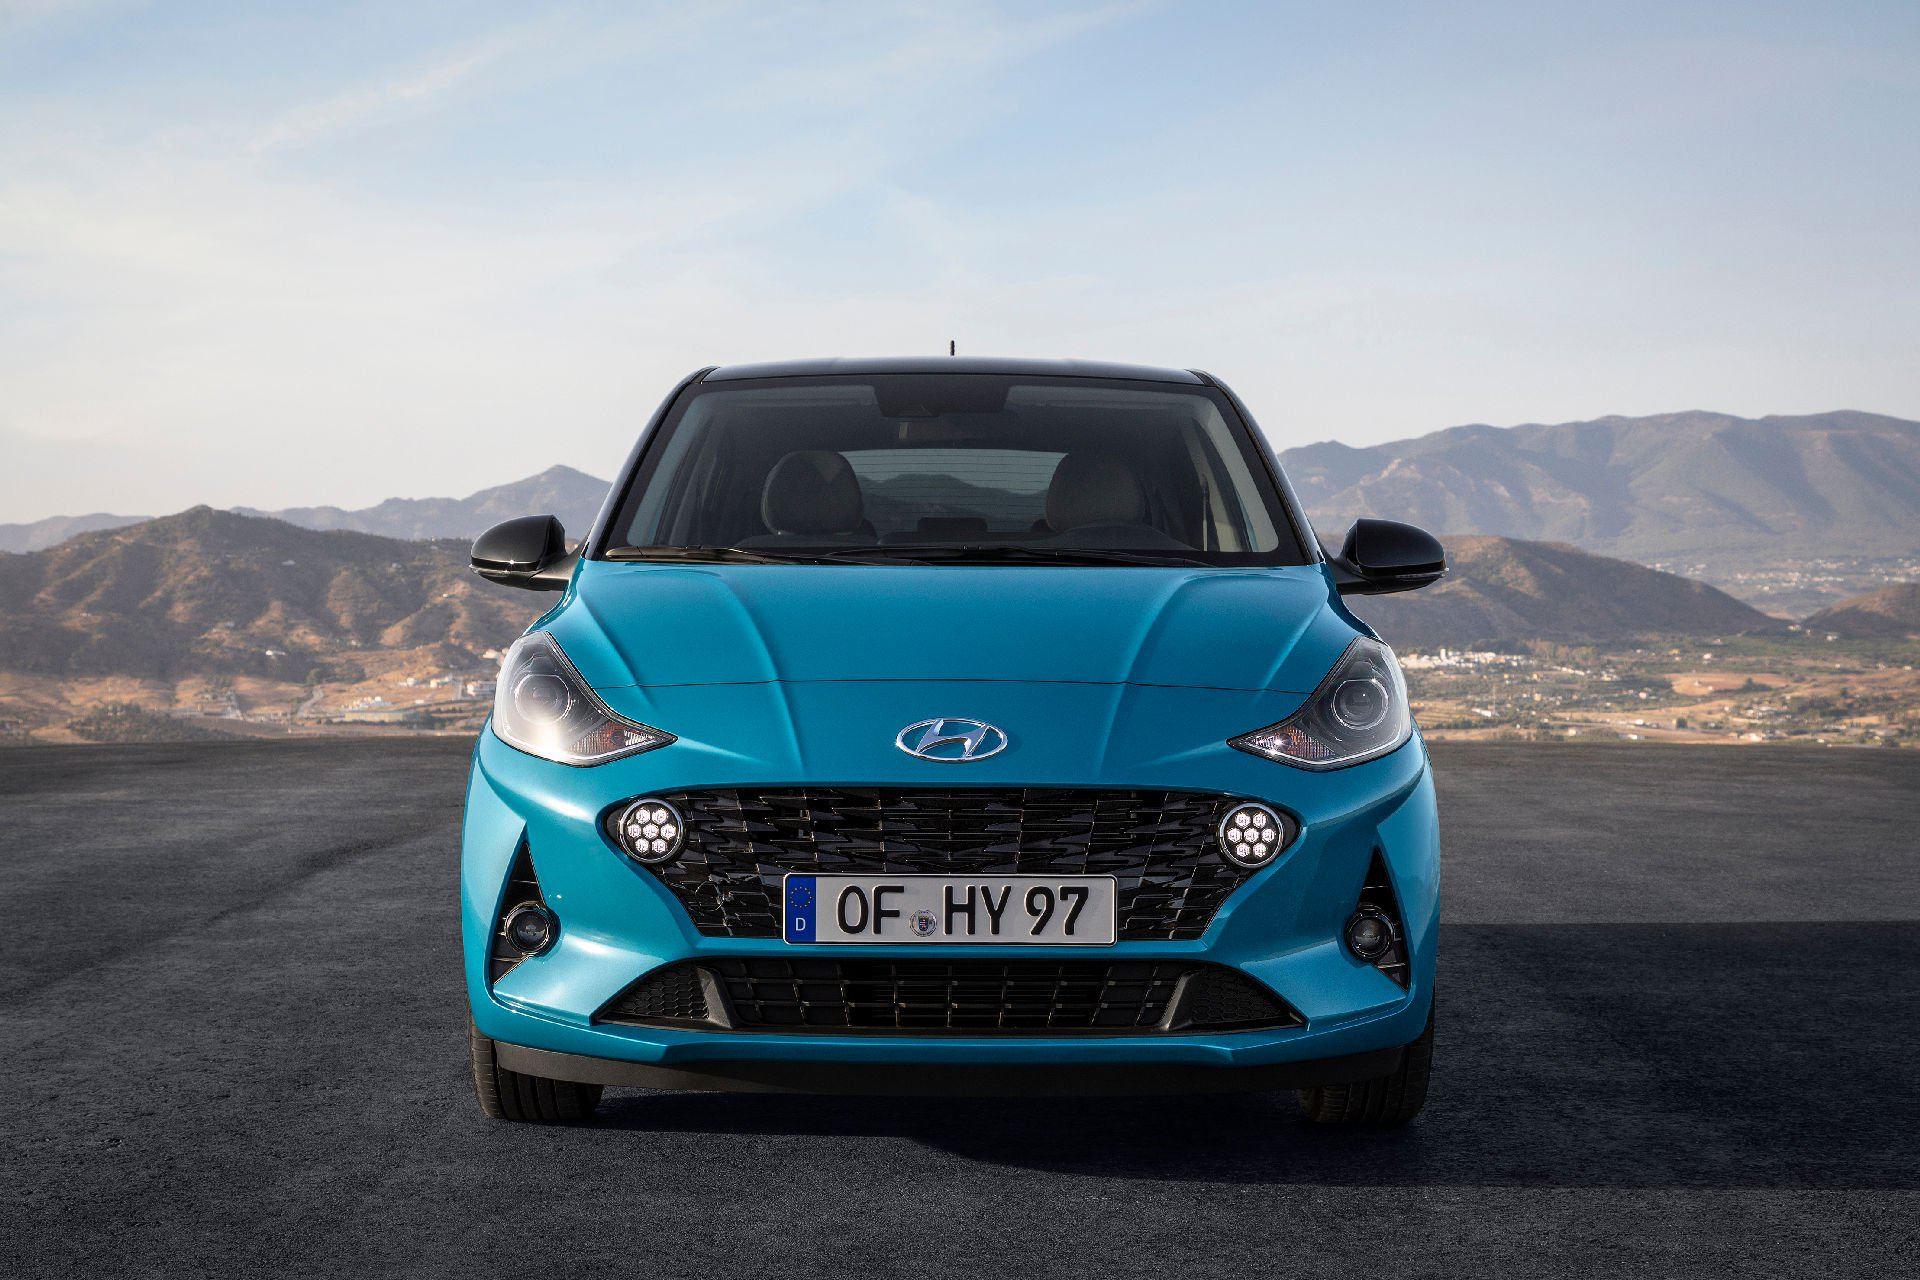 Hyundai i10 thế hệ mới sắp được ra mắt tại Frankfurt Motor Show 2019 - 5